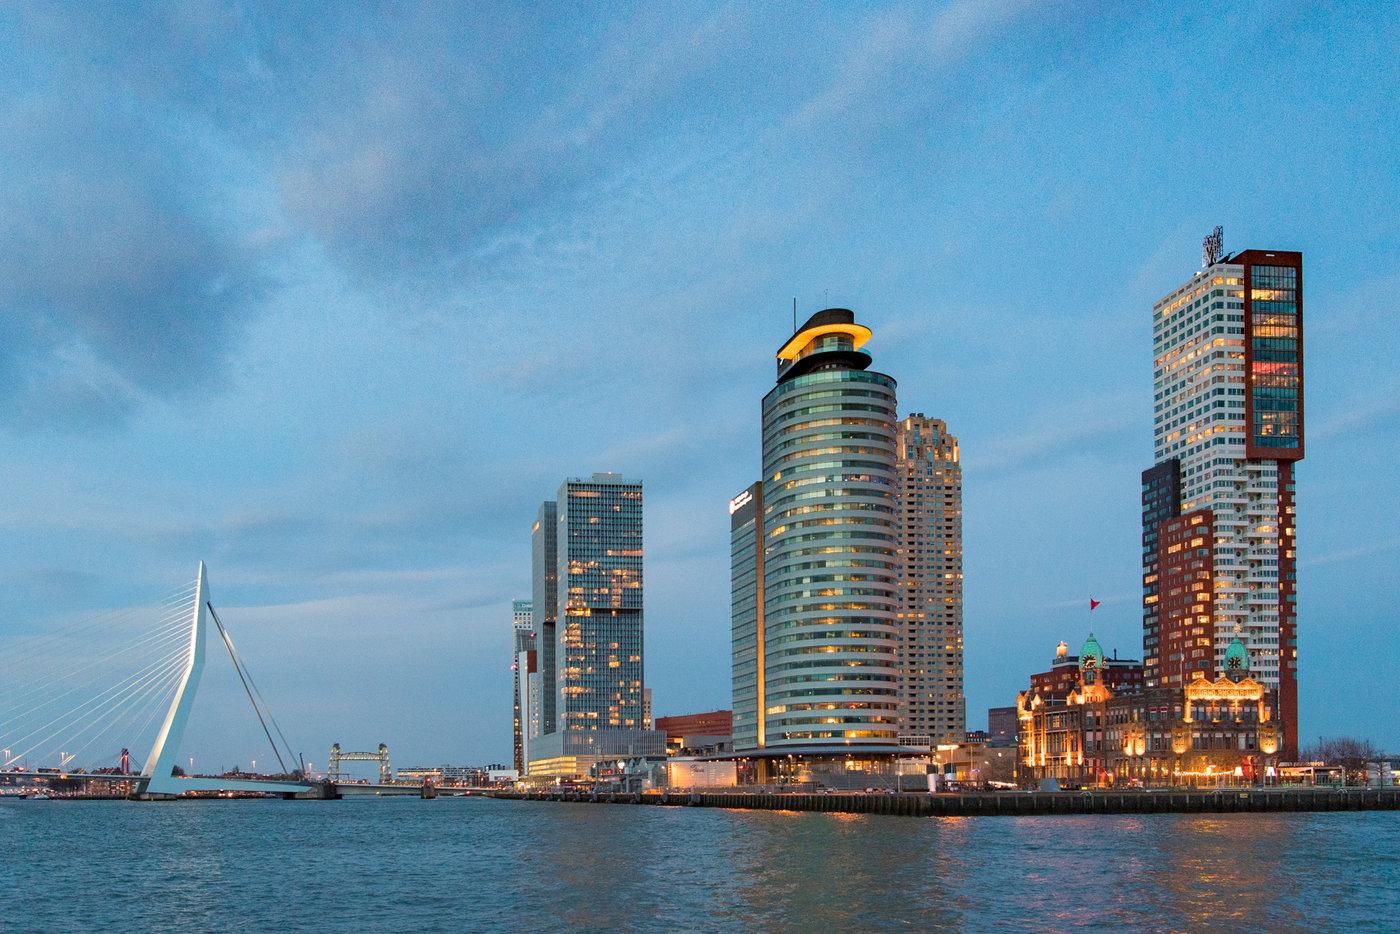 Eventfotograaf Rotterdam Studio Dijkgraaf fotograaf voor congres